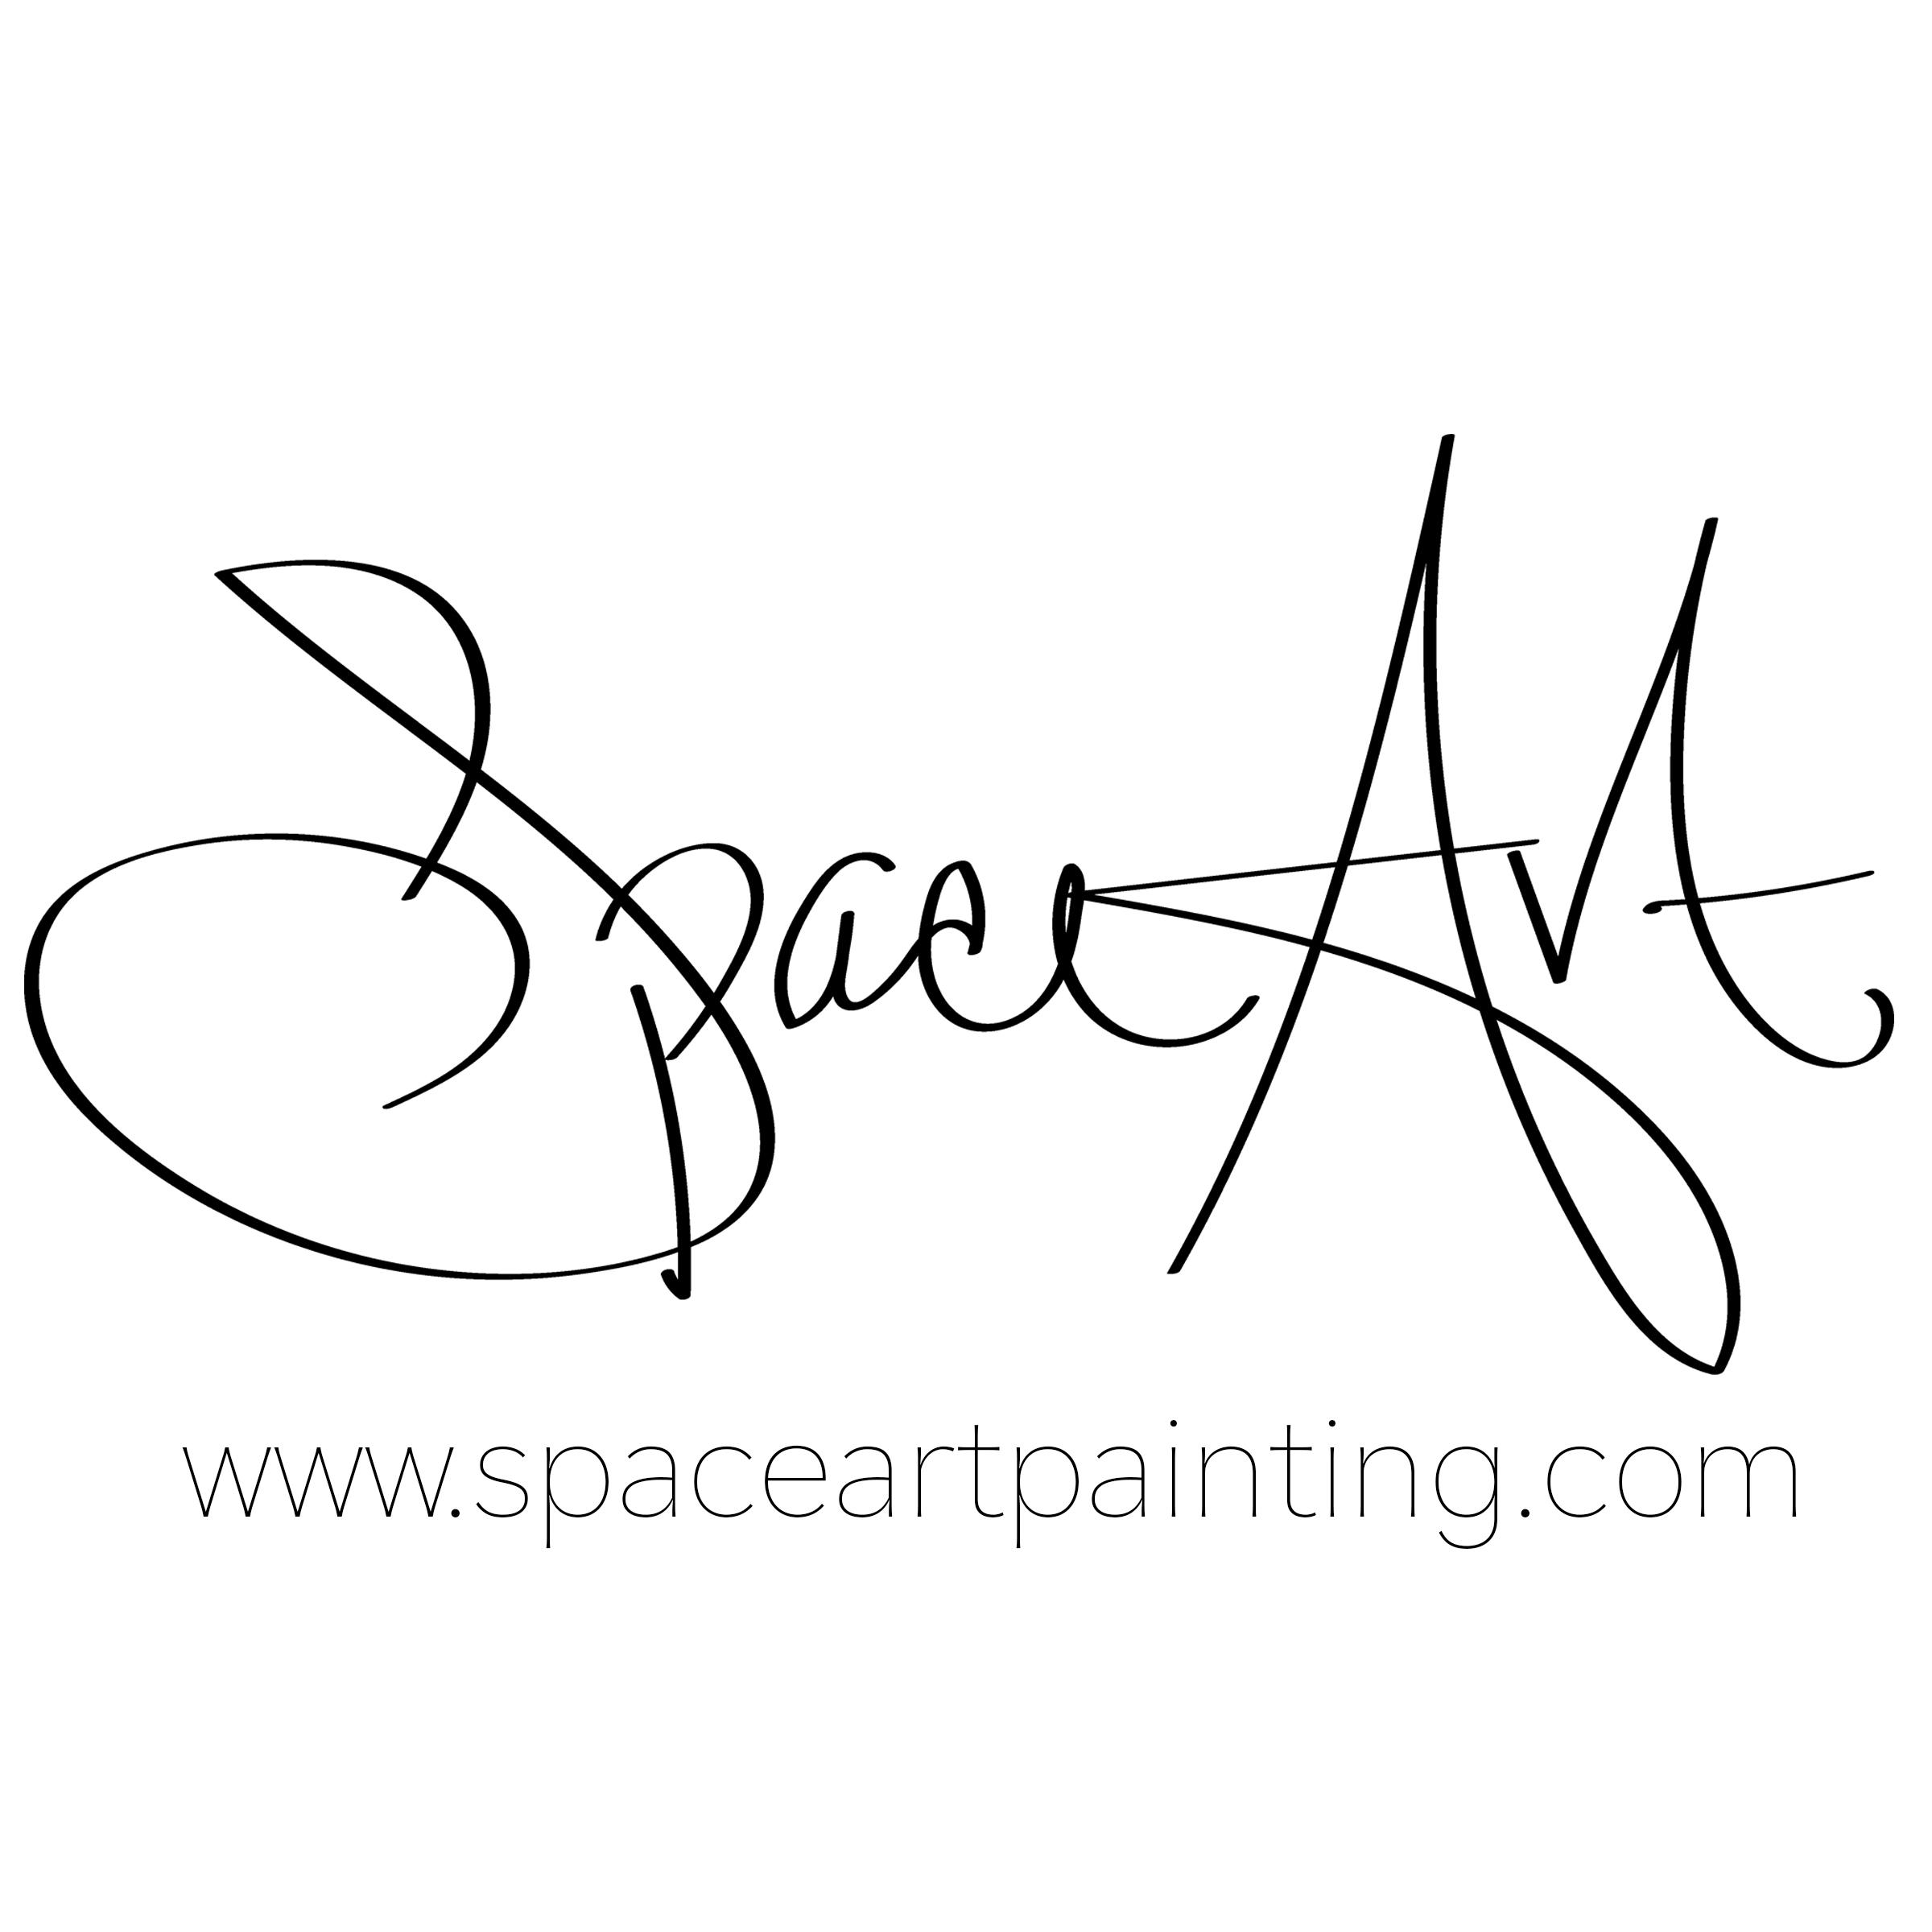 SPACEART PAINTING